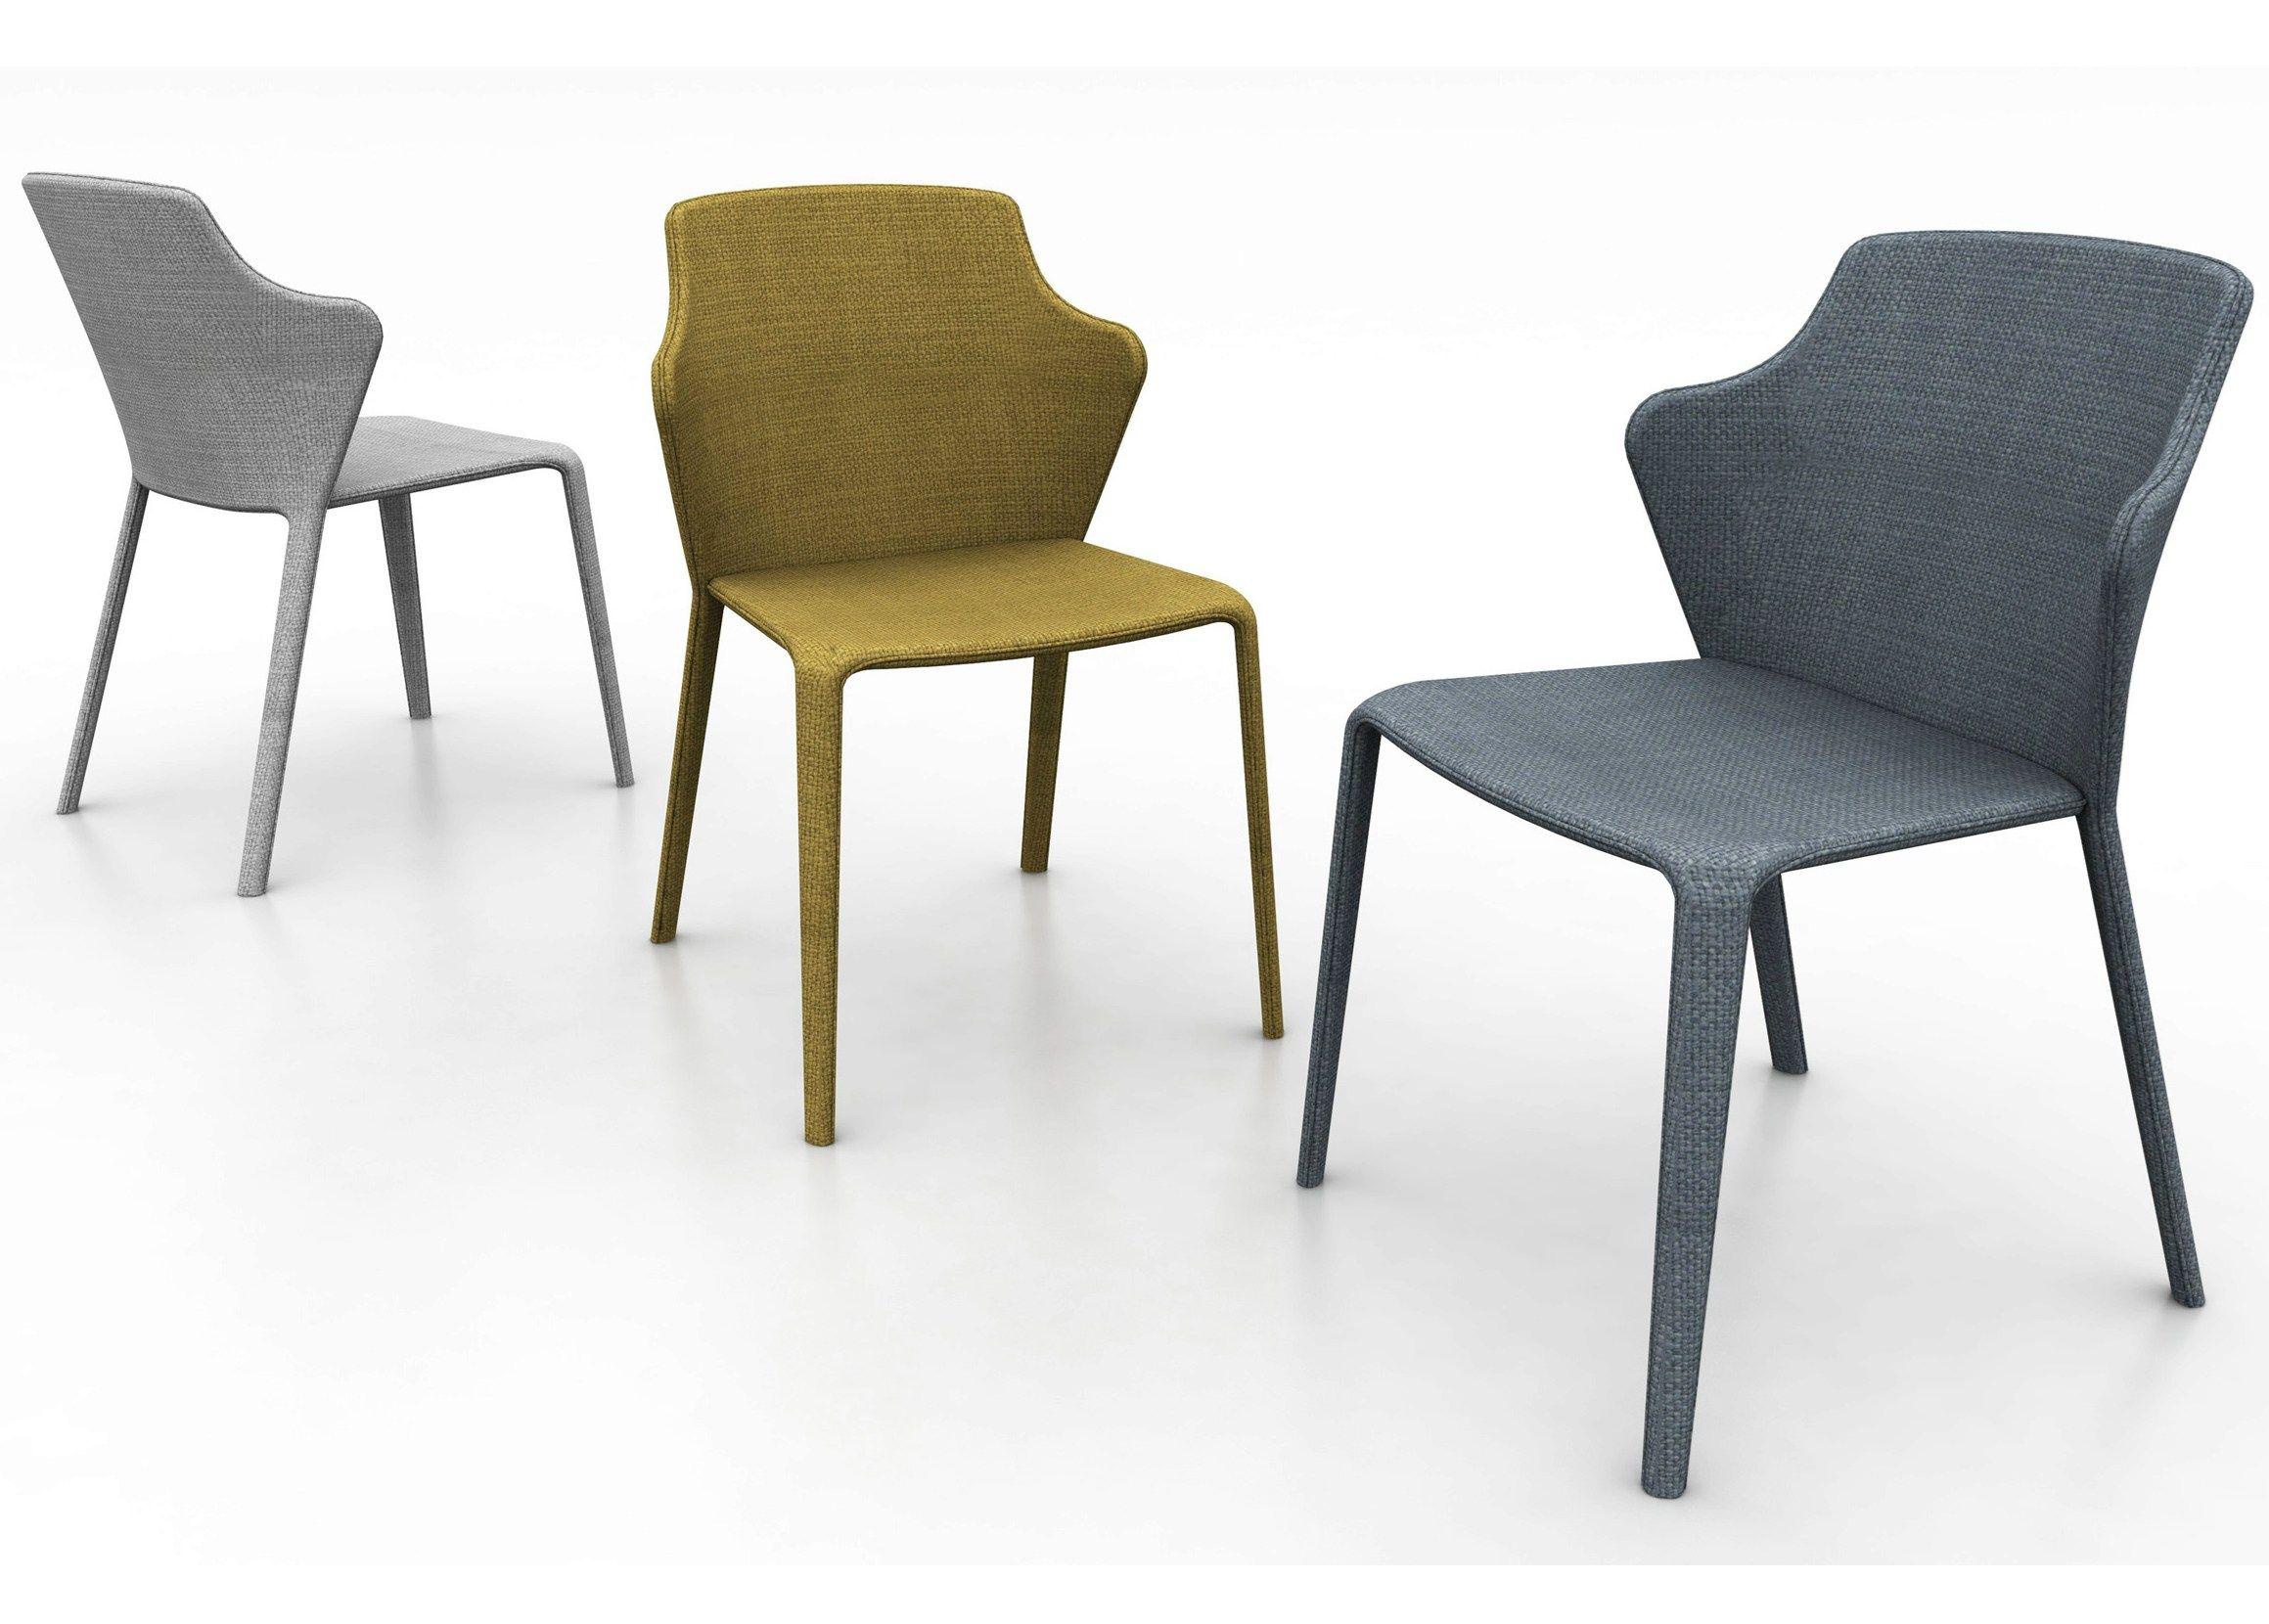 Sedie domitalia ~ Opera chair by domitalia design andrea radice & folco orlandini